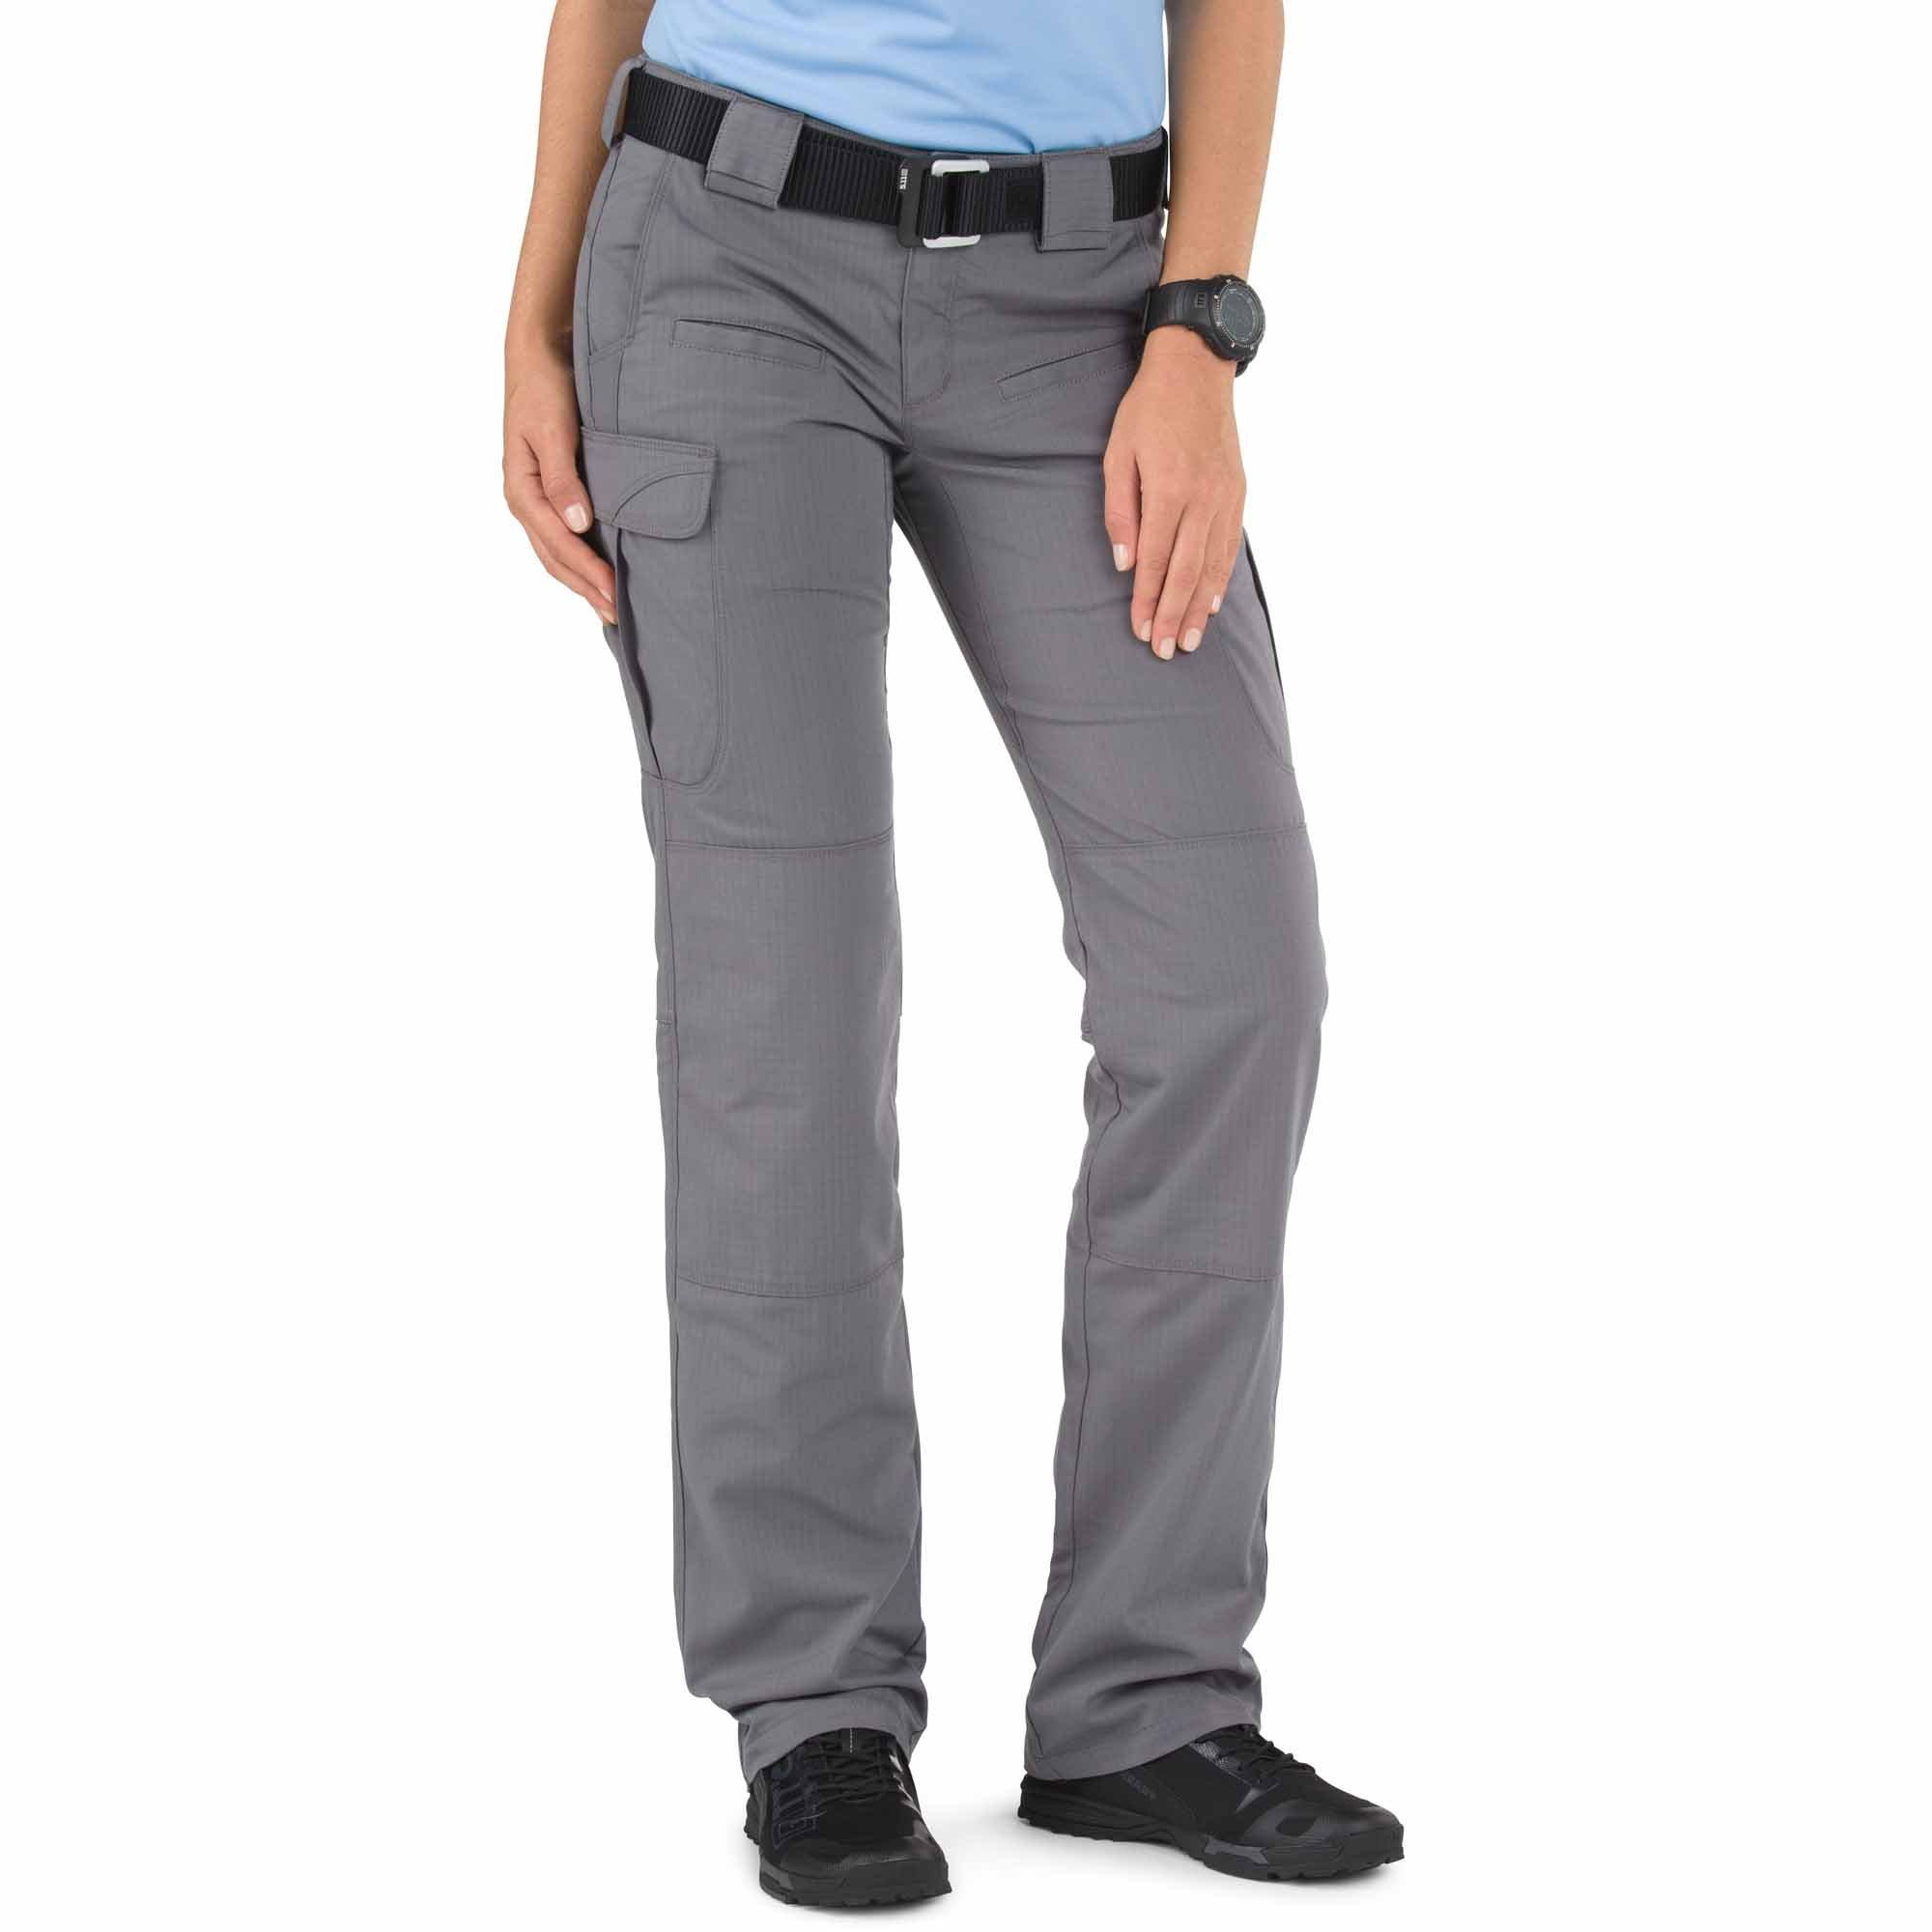 ca07f749d4f 5.11 Tactical Women s Stryke Pants - TiendaMIA.com